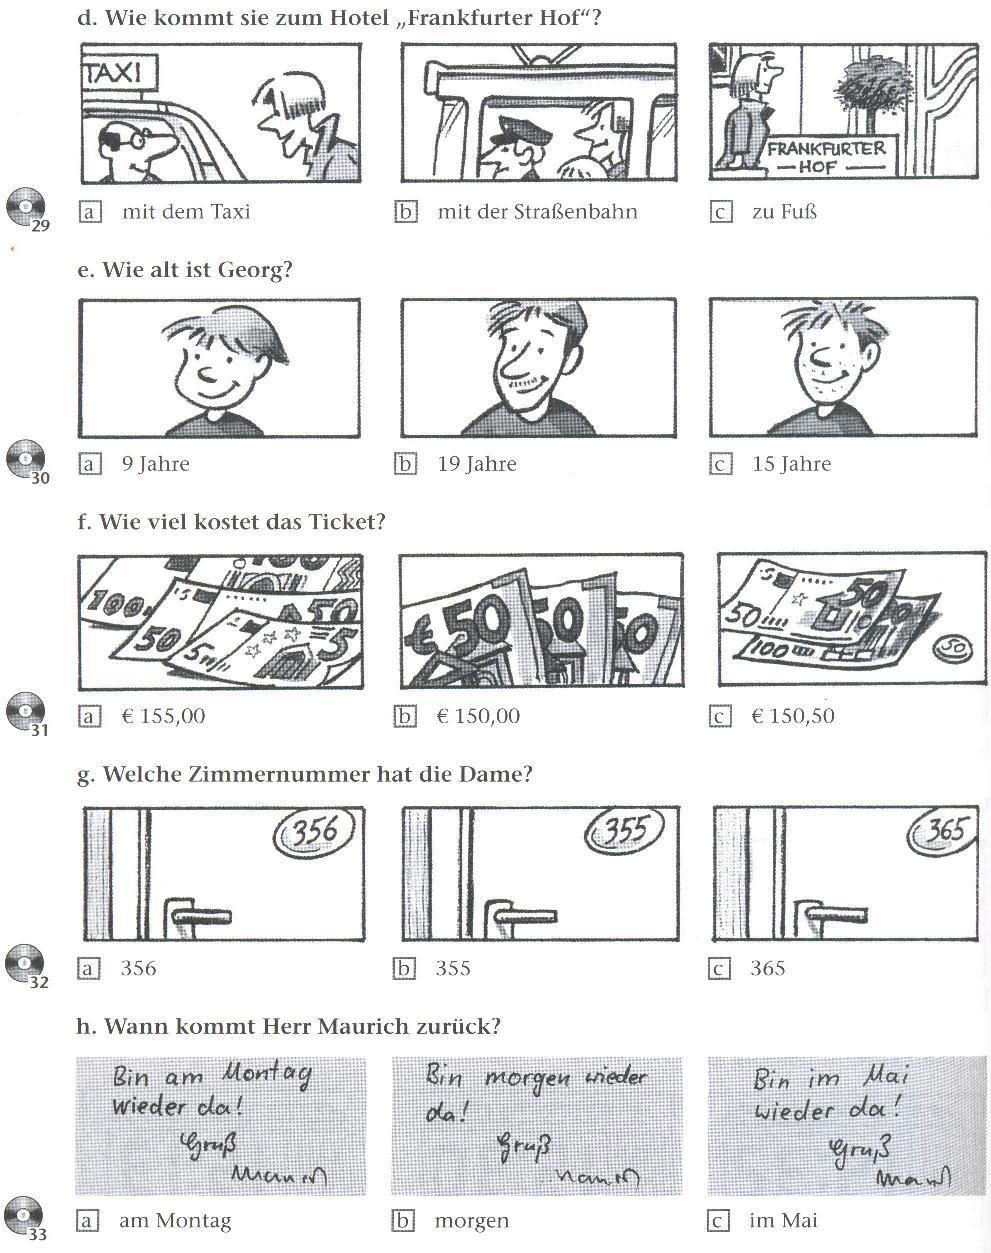 English Tests - Horen test 1